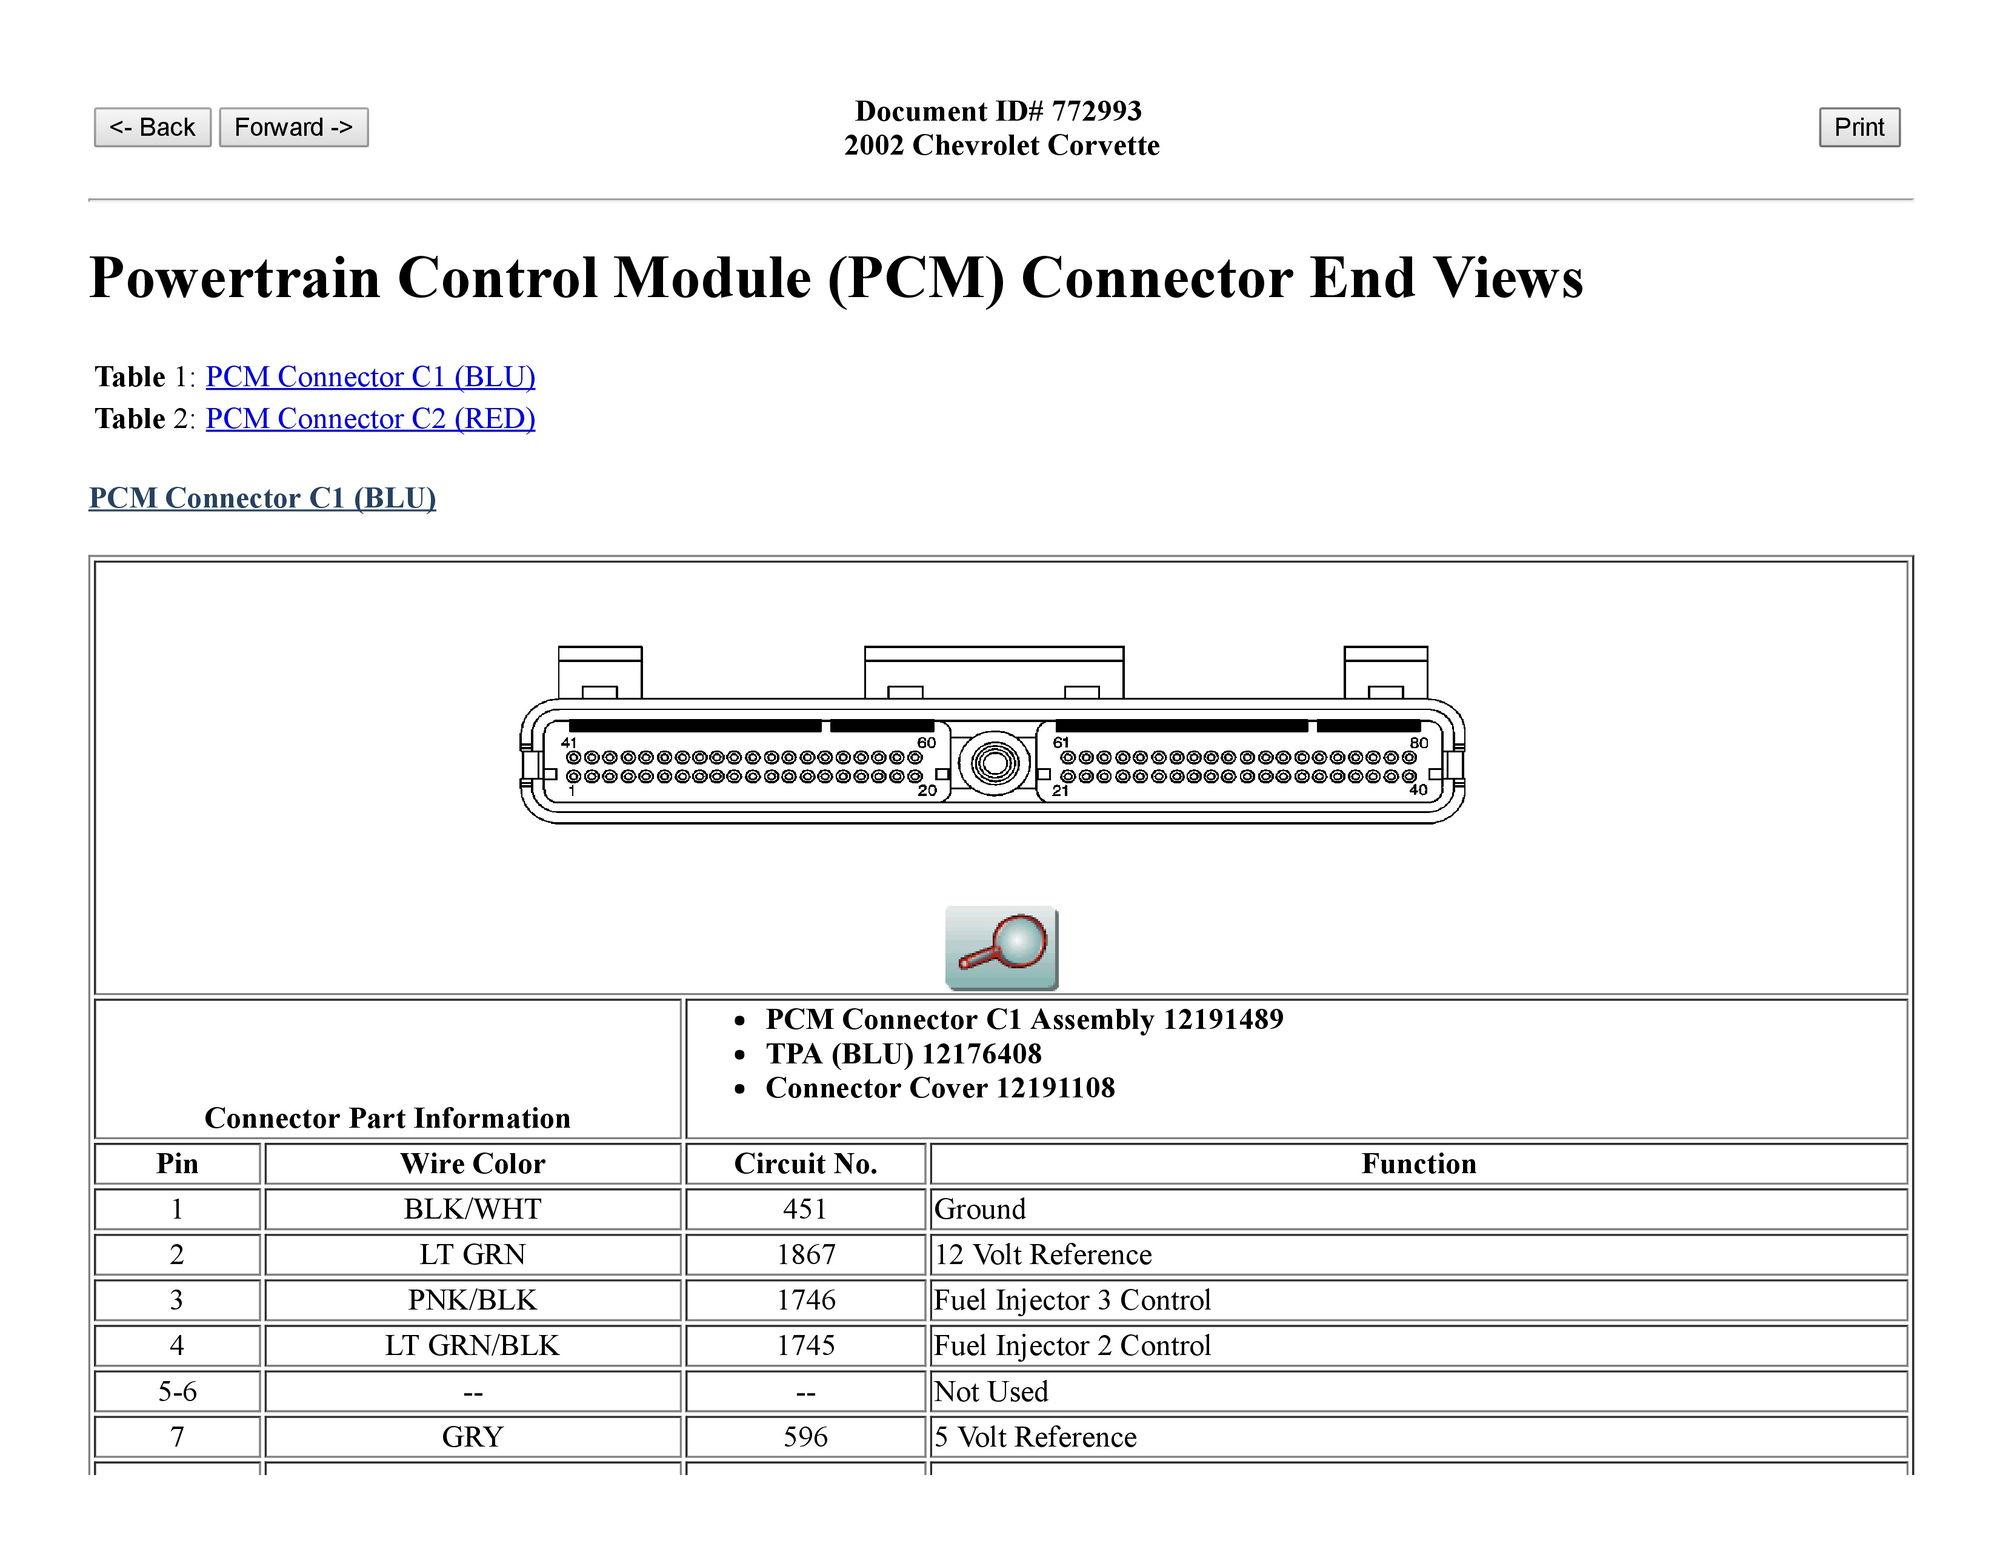 2004 Corvette Pcm Wiring Schematic Circuit Diagram Symbols 1975 Ecu Corvetteforum Chevrolet Forum Discussion Rh Com 1984